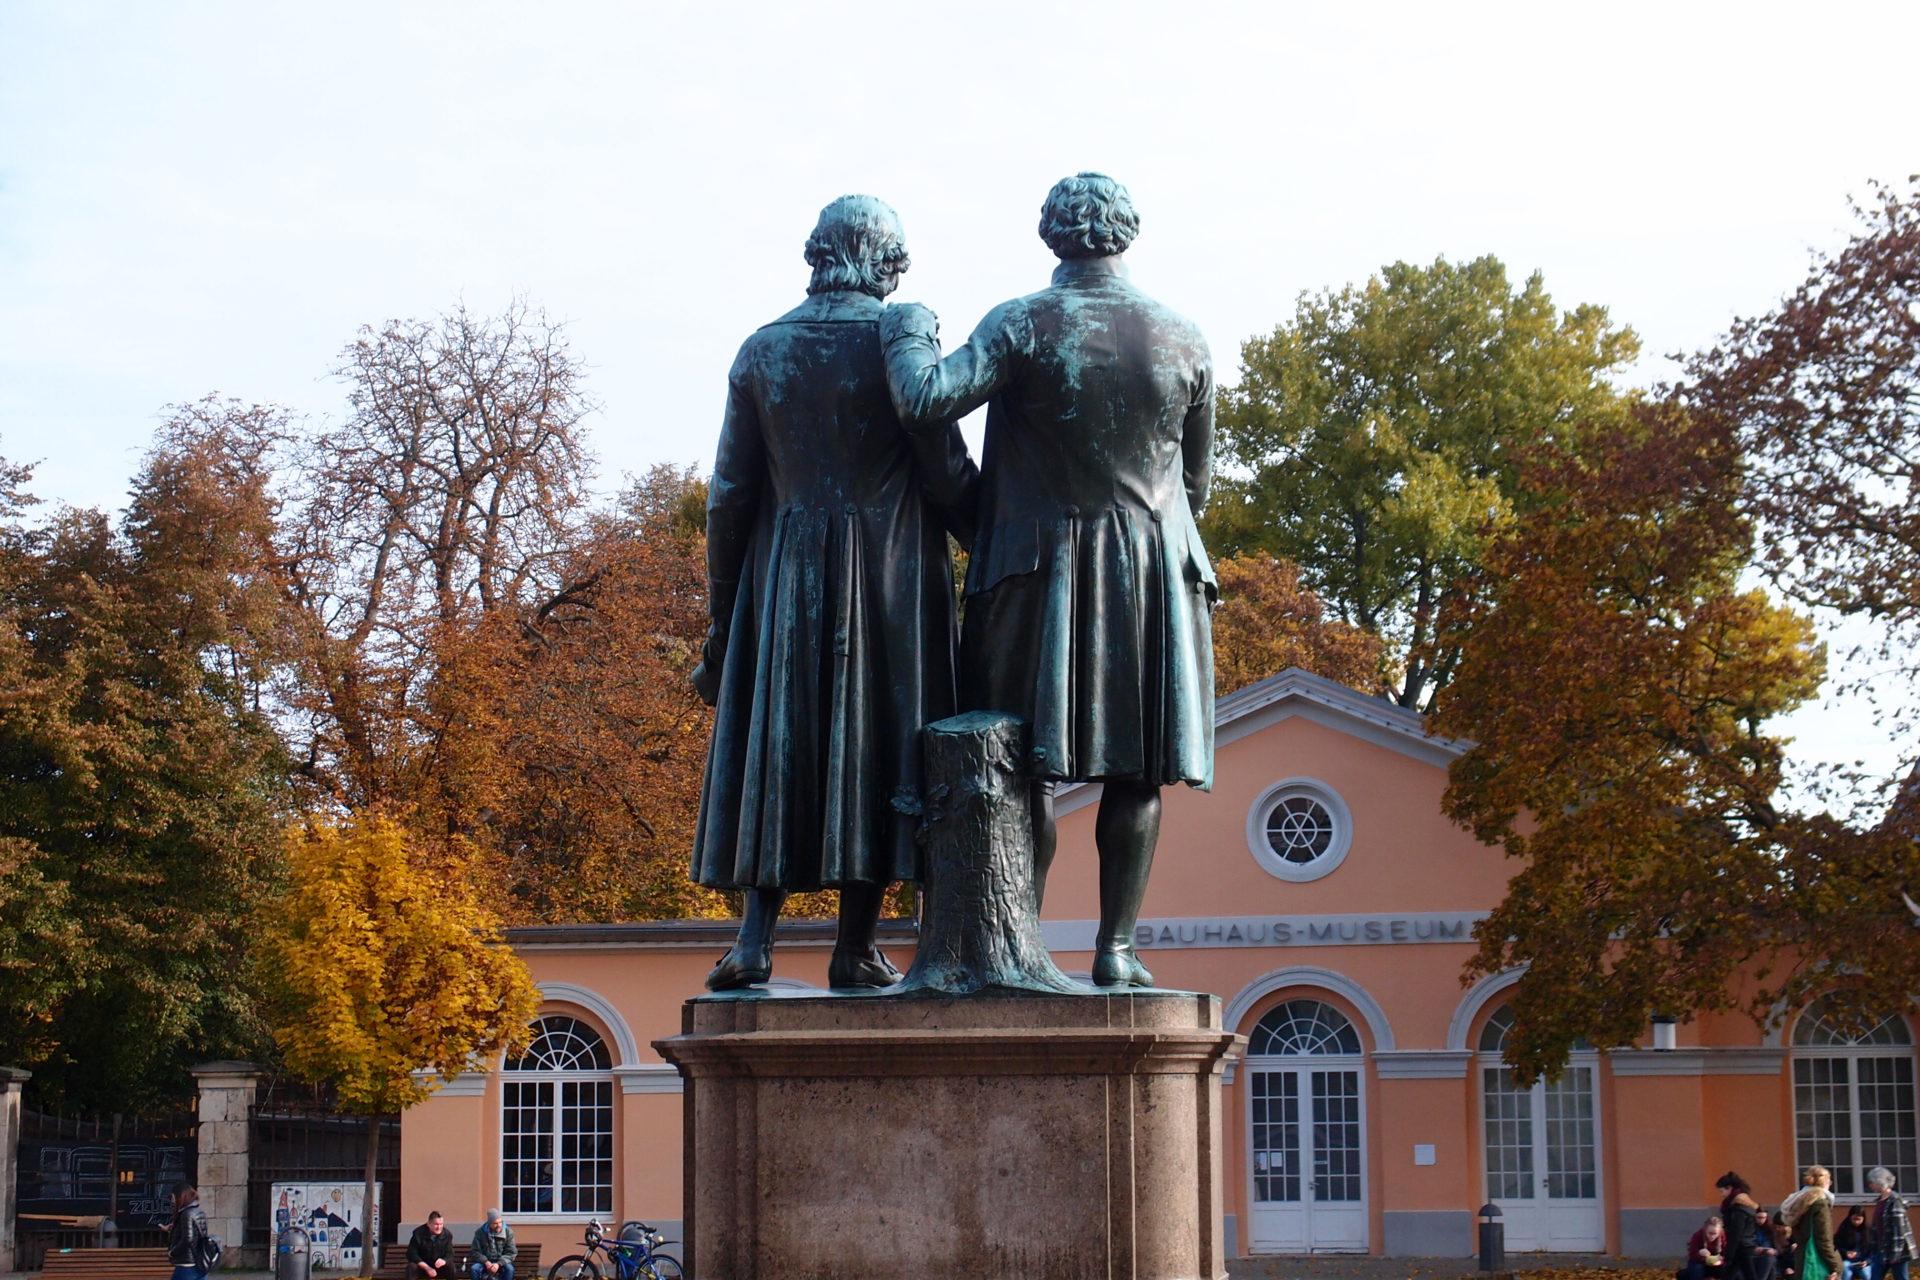 威瑪包浩斯博物館原在Weimar Theaterplatz 劇院廣場內,廣場內佇立著歌德與席勒雕像